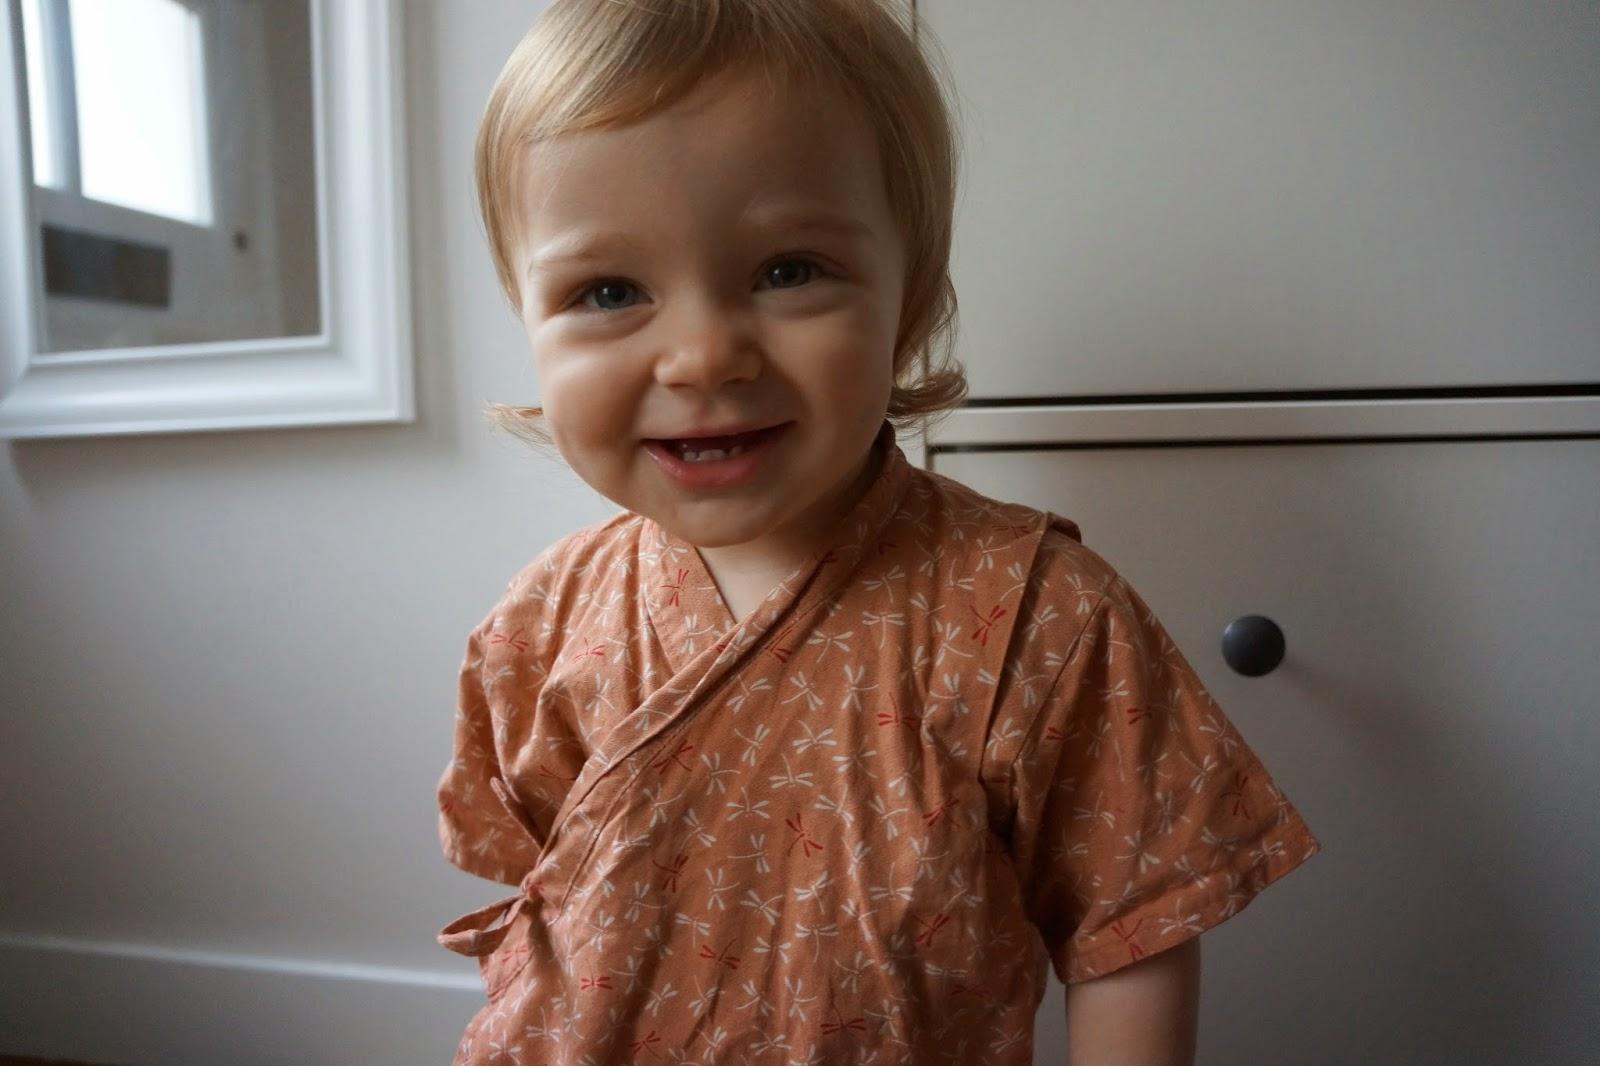 smiling baby in kimono yukata